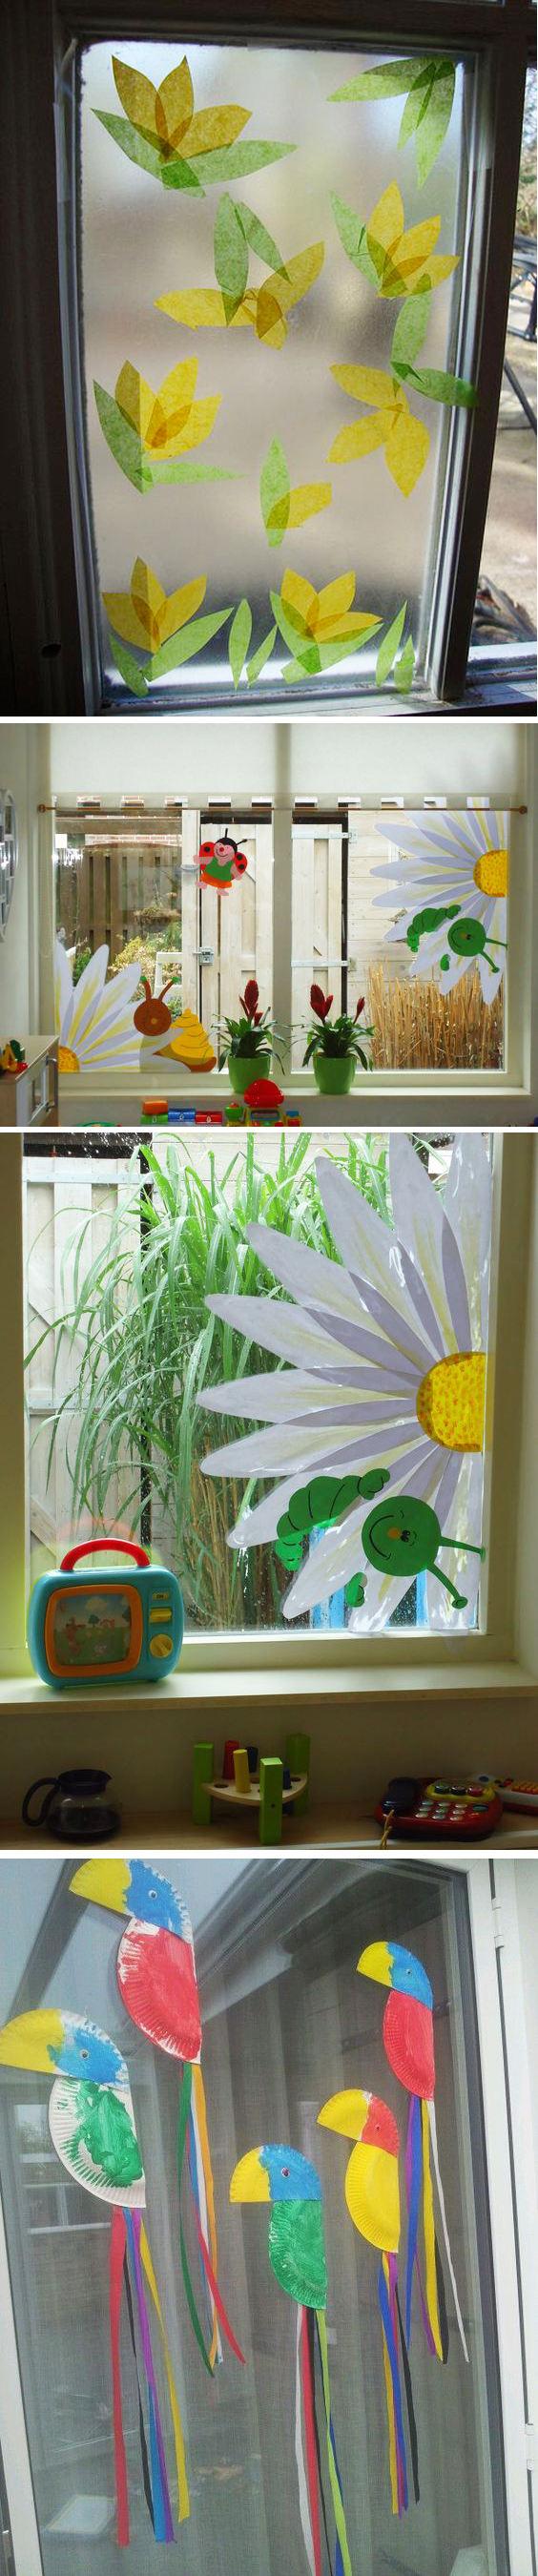 窗饰2 2.jpg